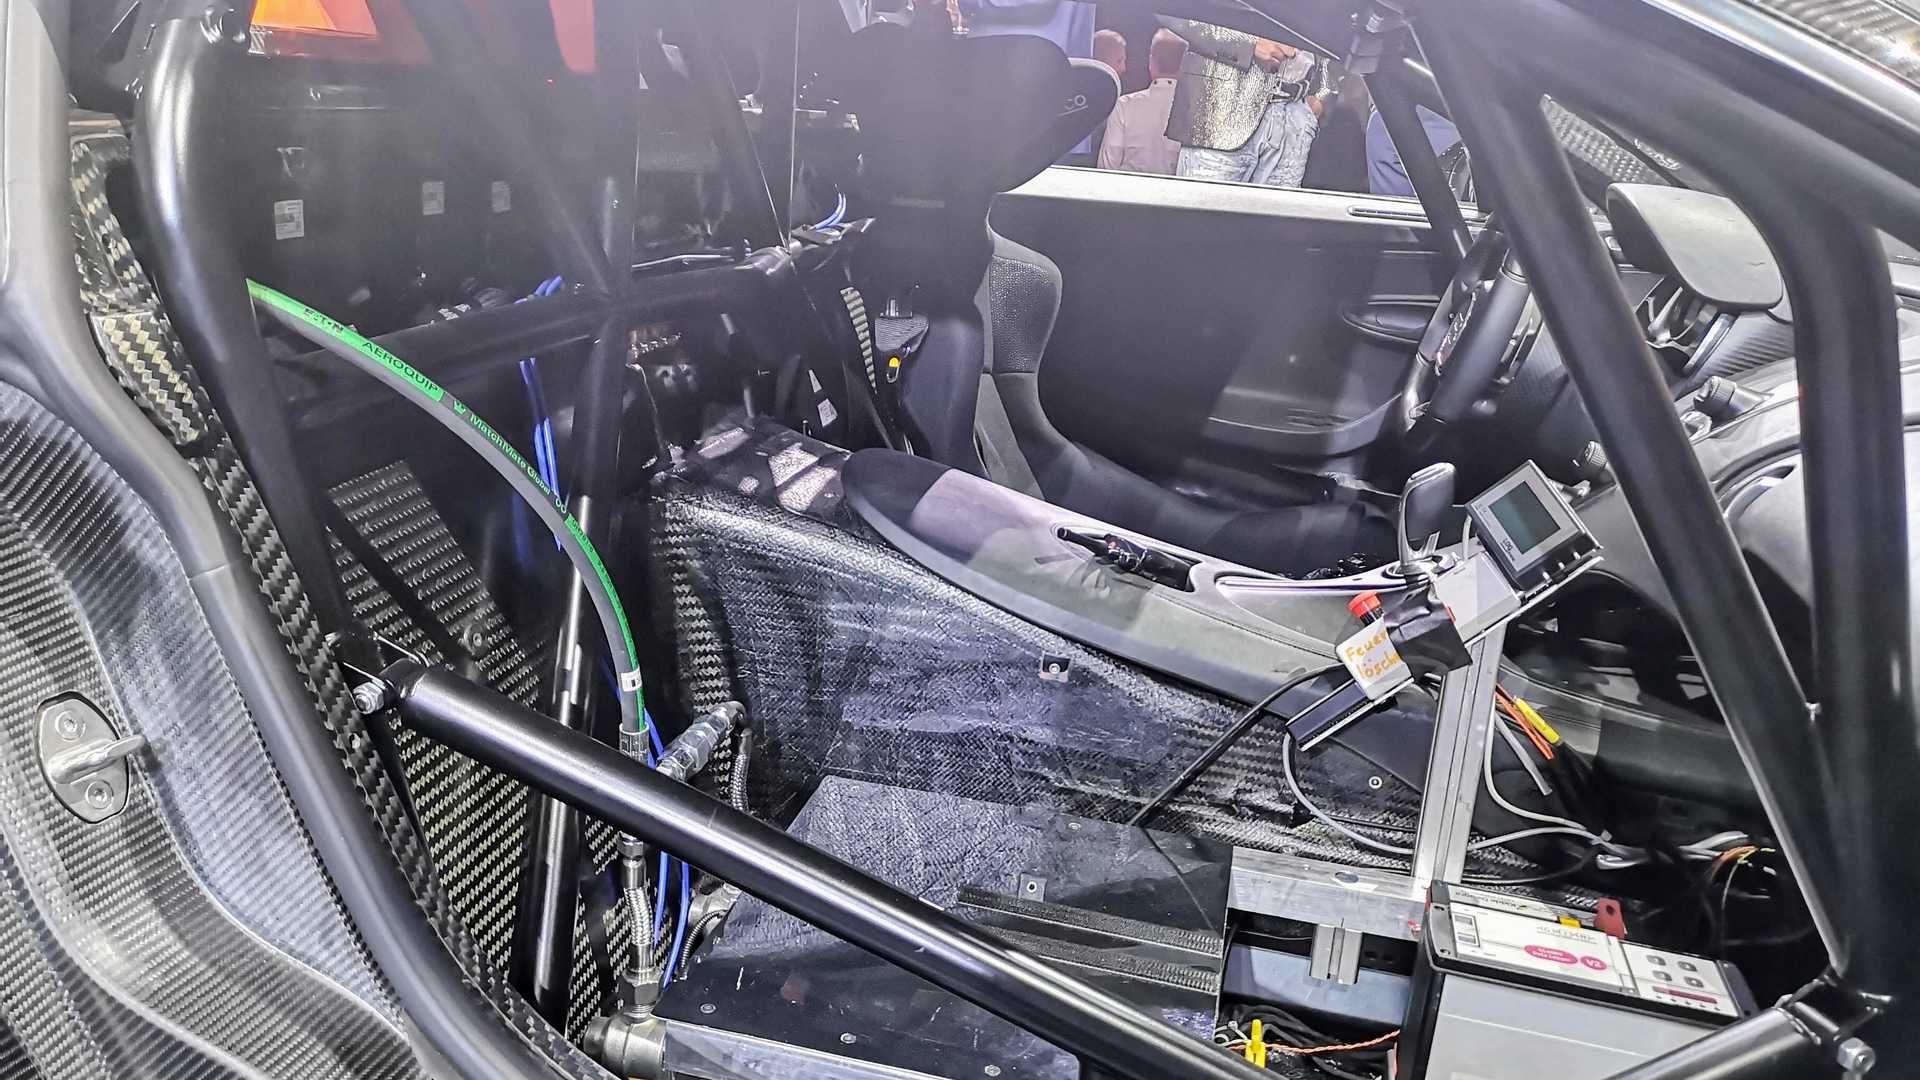 Найшвидших автомобілів у світі буде 30: саме стільки Bugatti Chiron Super Sport 300+ збудують французи